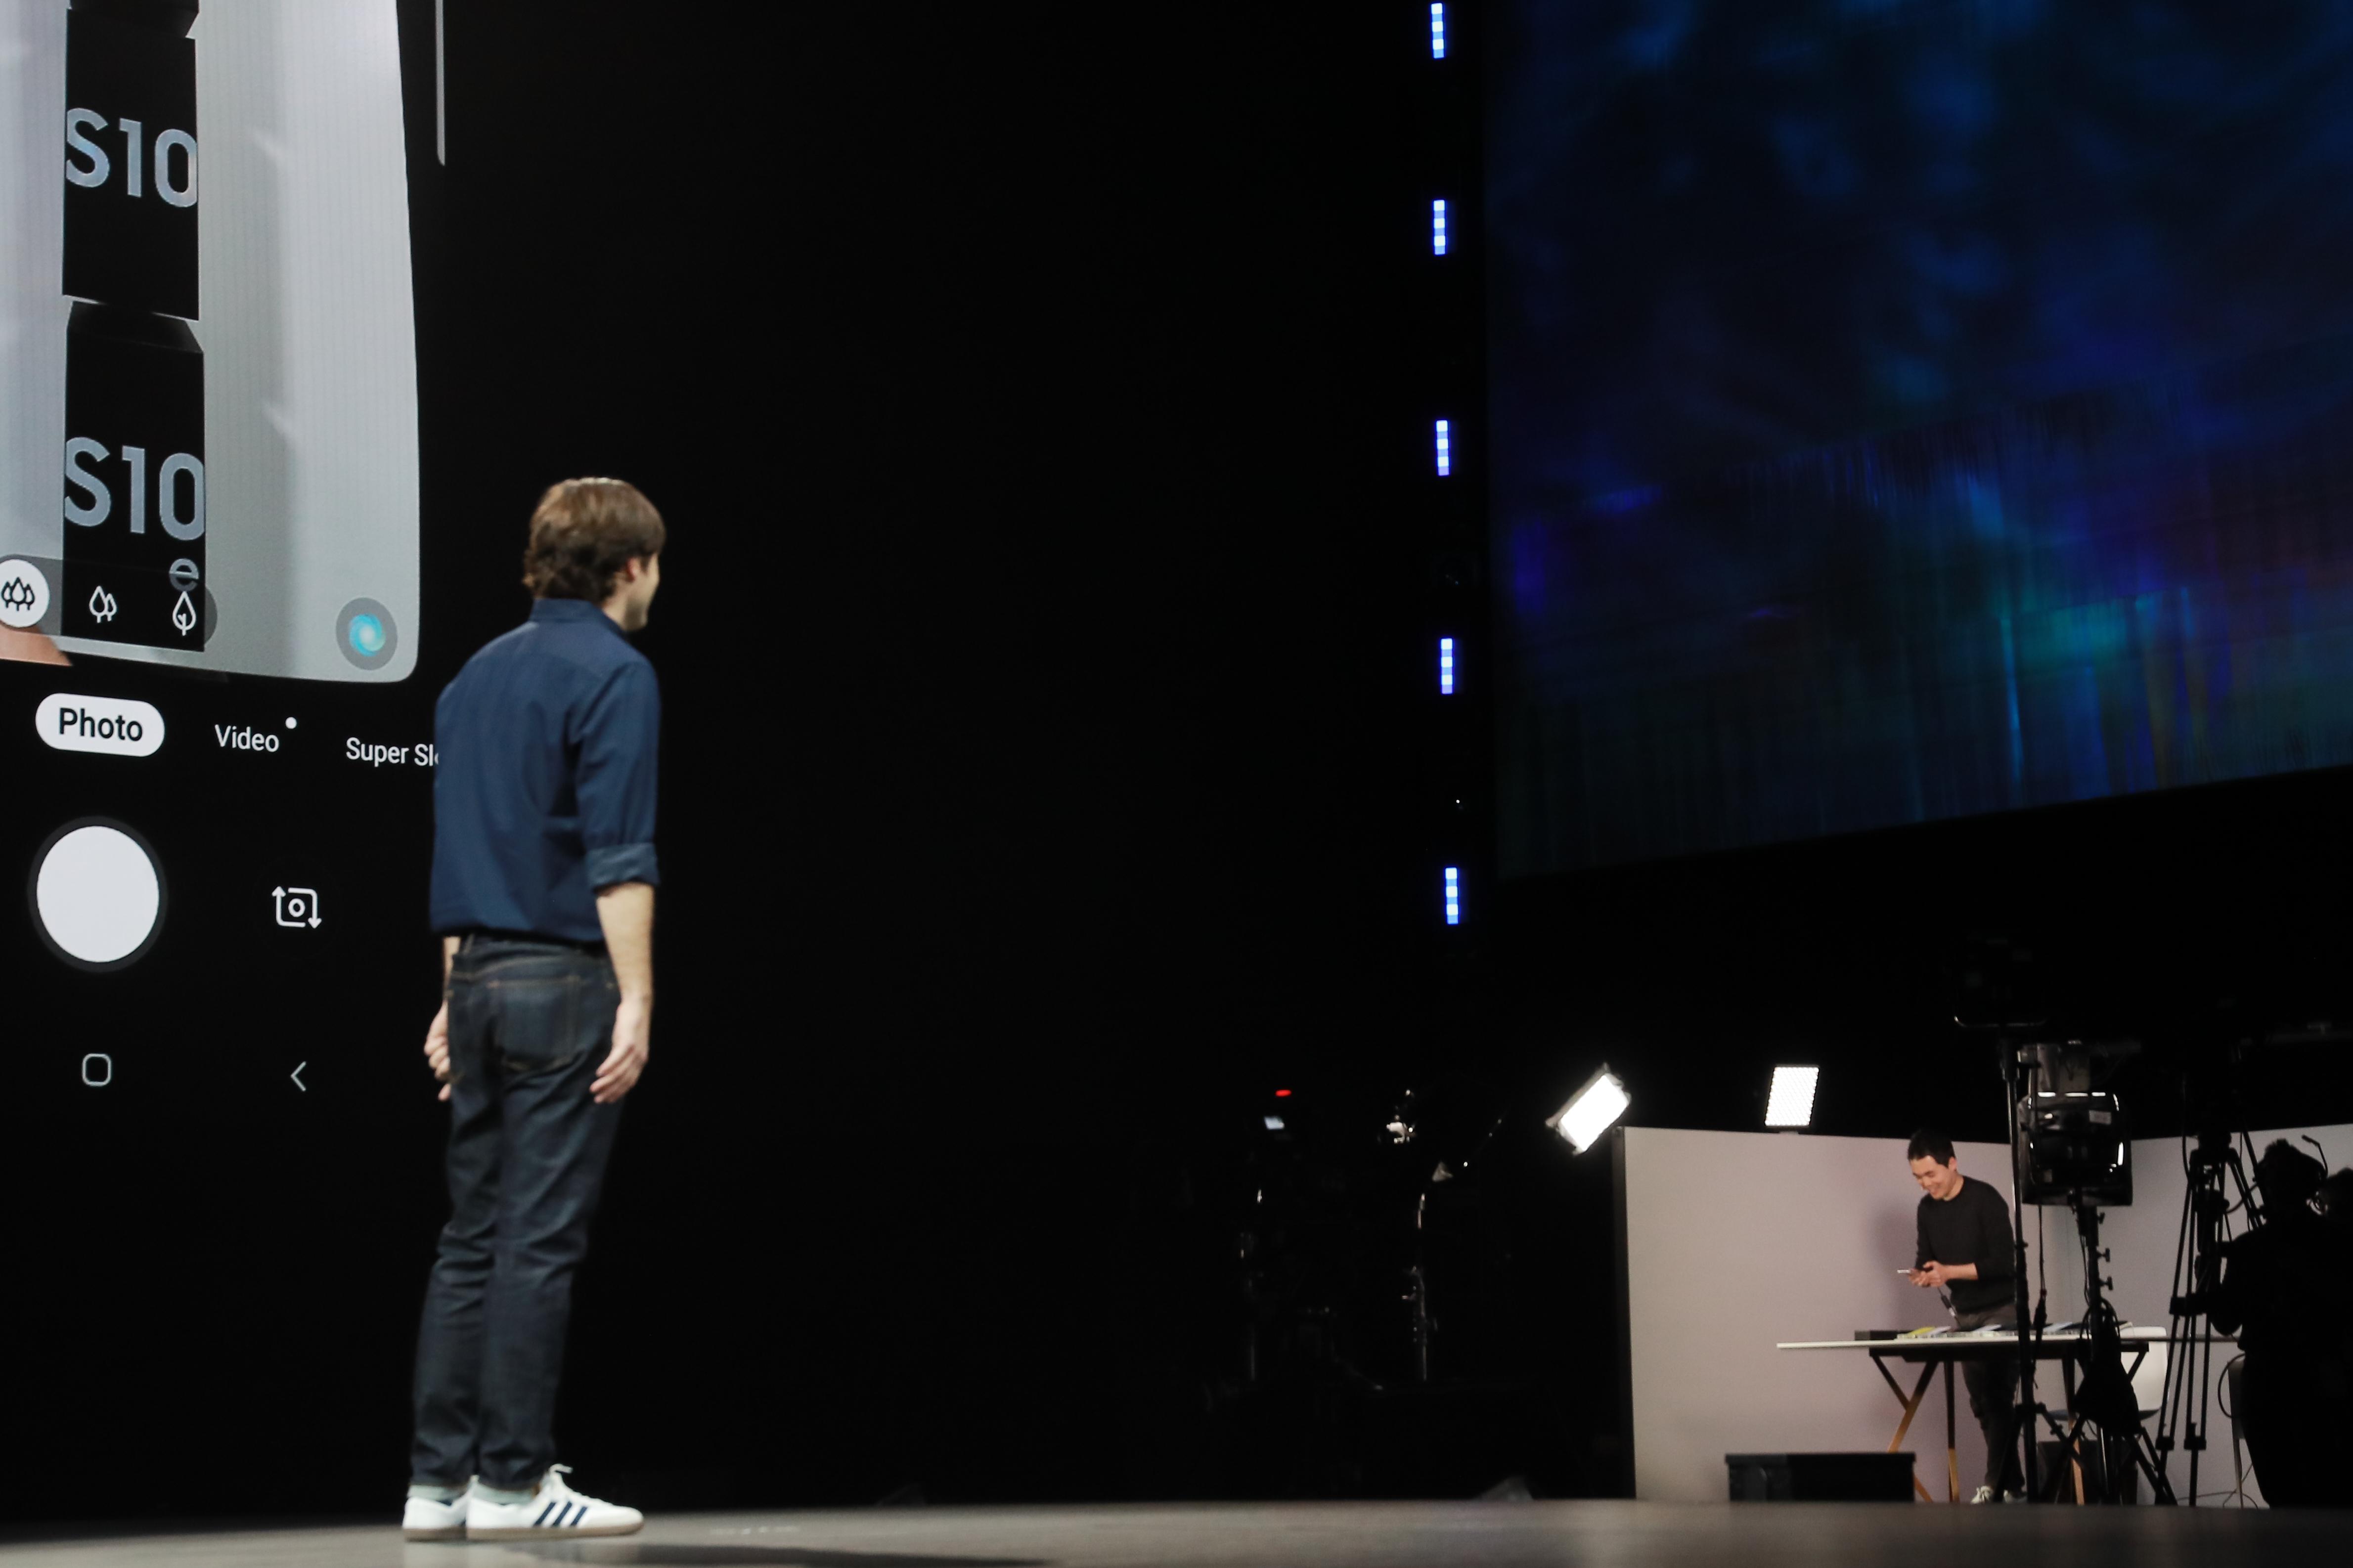 ▲ 삼성전자 무선사업부 김원석 씨가 '갤럭시 폴드'를 접었다 폈을 때도 애플리케이션을 끊김 없이 볼 수 있는 '앱 연결 사용성'과 3분할로 화면을 나눠서 쓸 수 있는 '멀티 액티브 윈도우' 기능을 무대에서 직접 시연하고 있다.